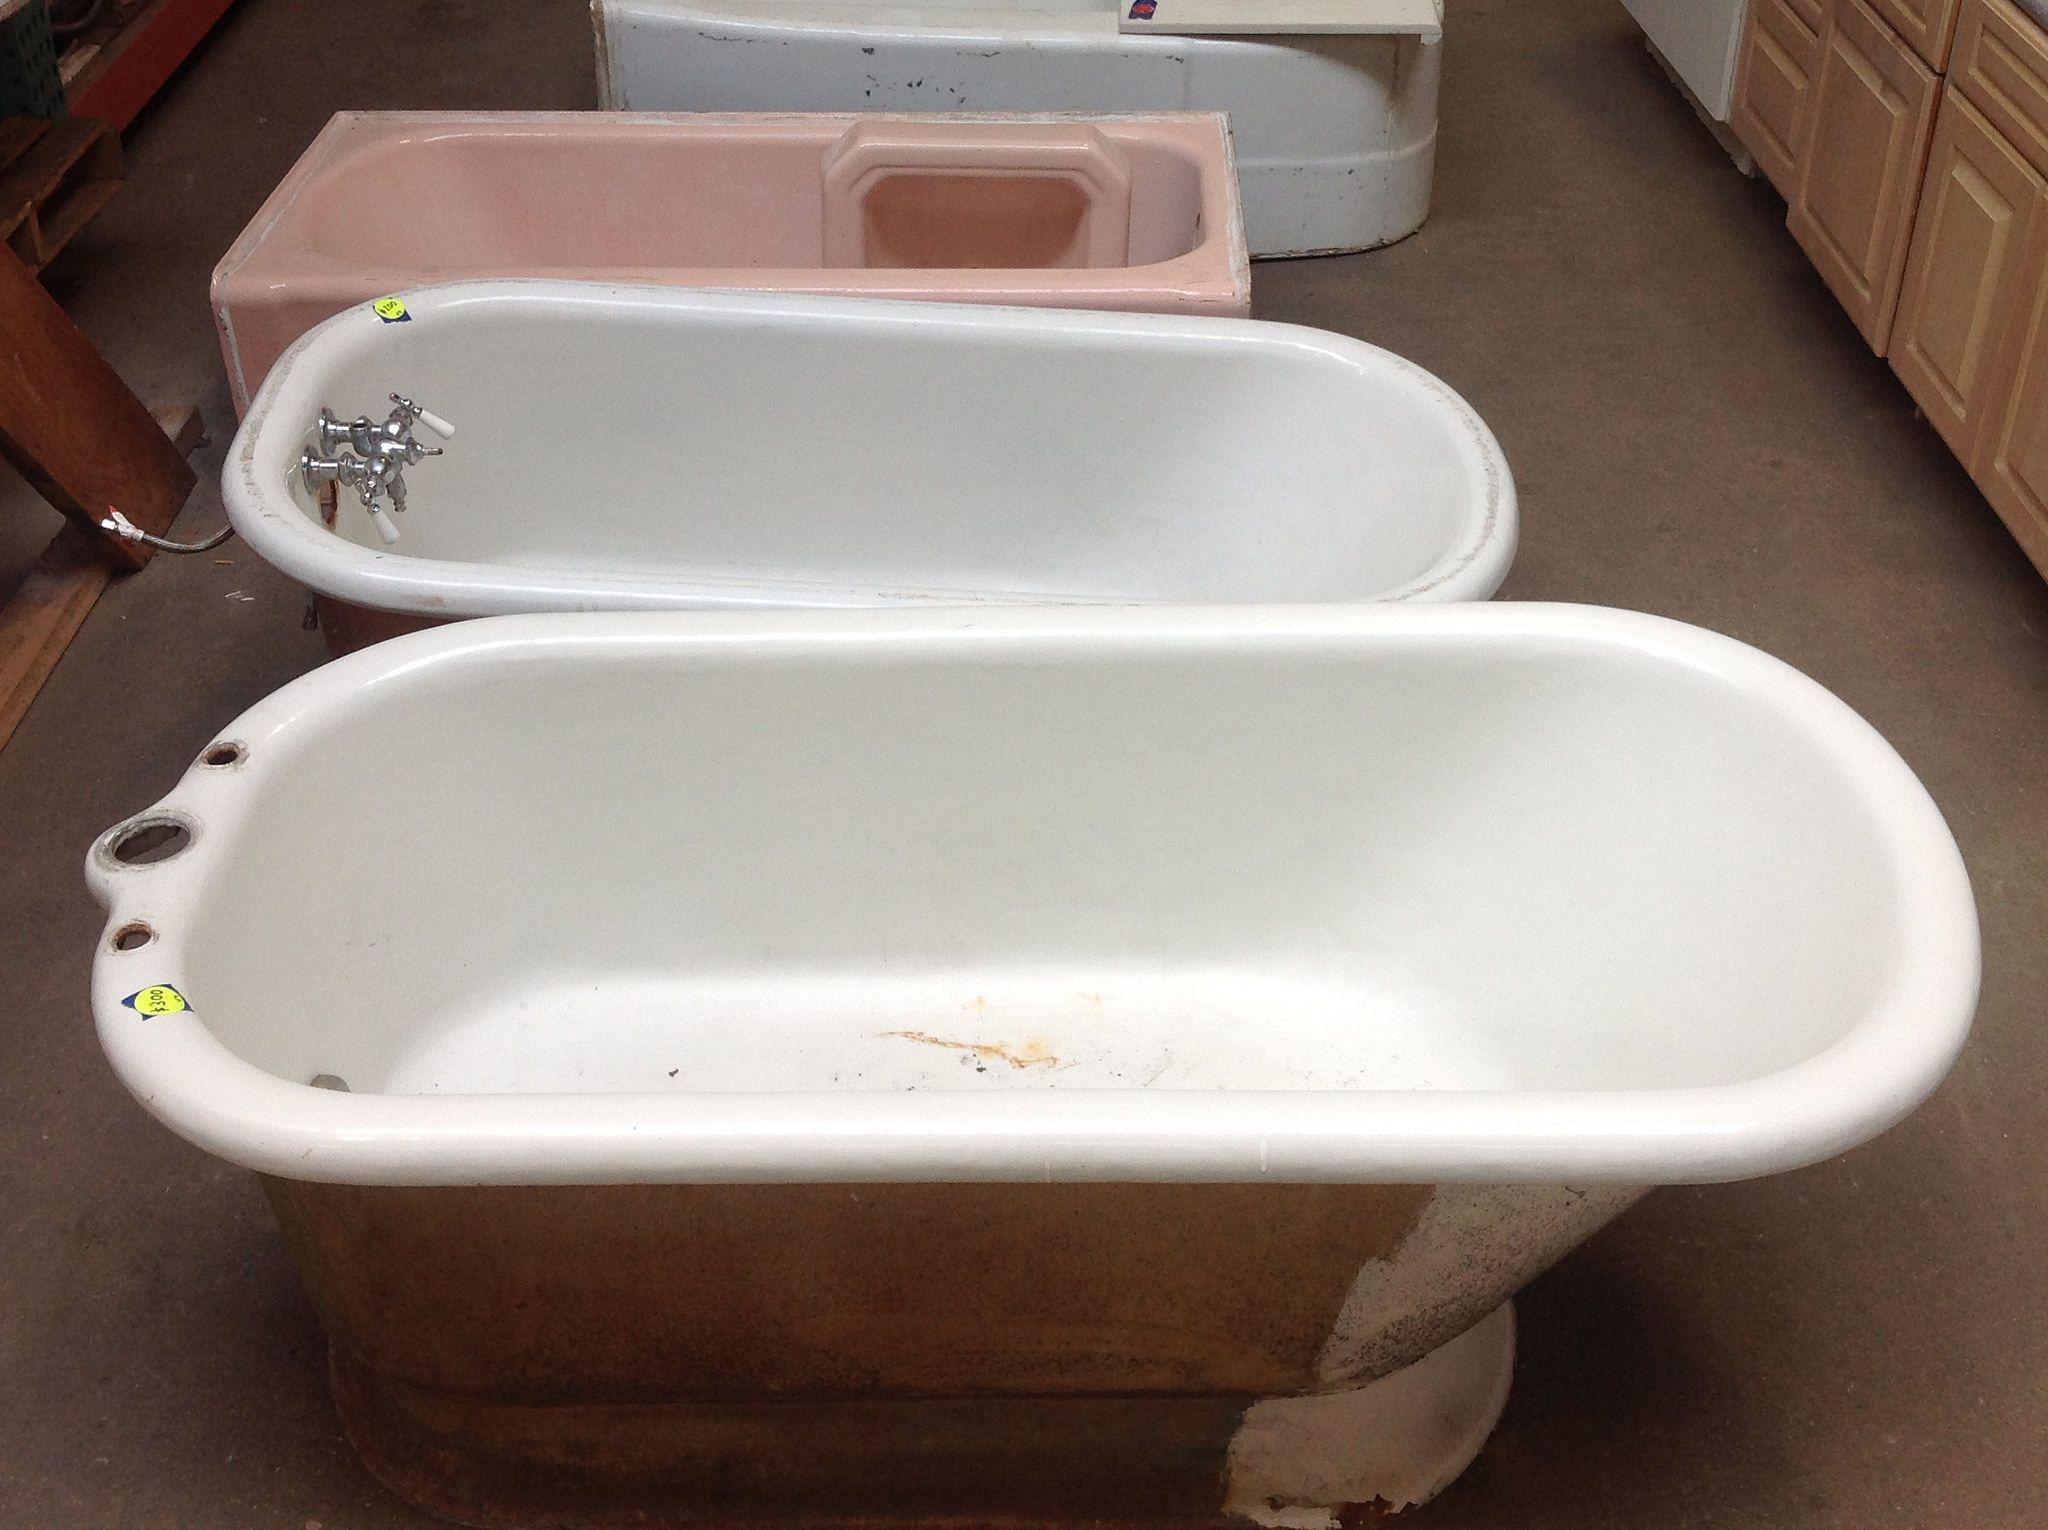 Bathtubs - prices vary   Bathtub price, Bathtubs and House